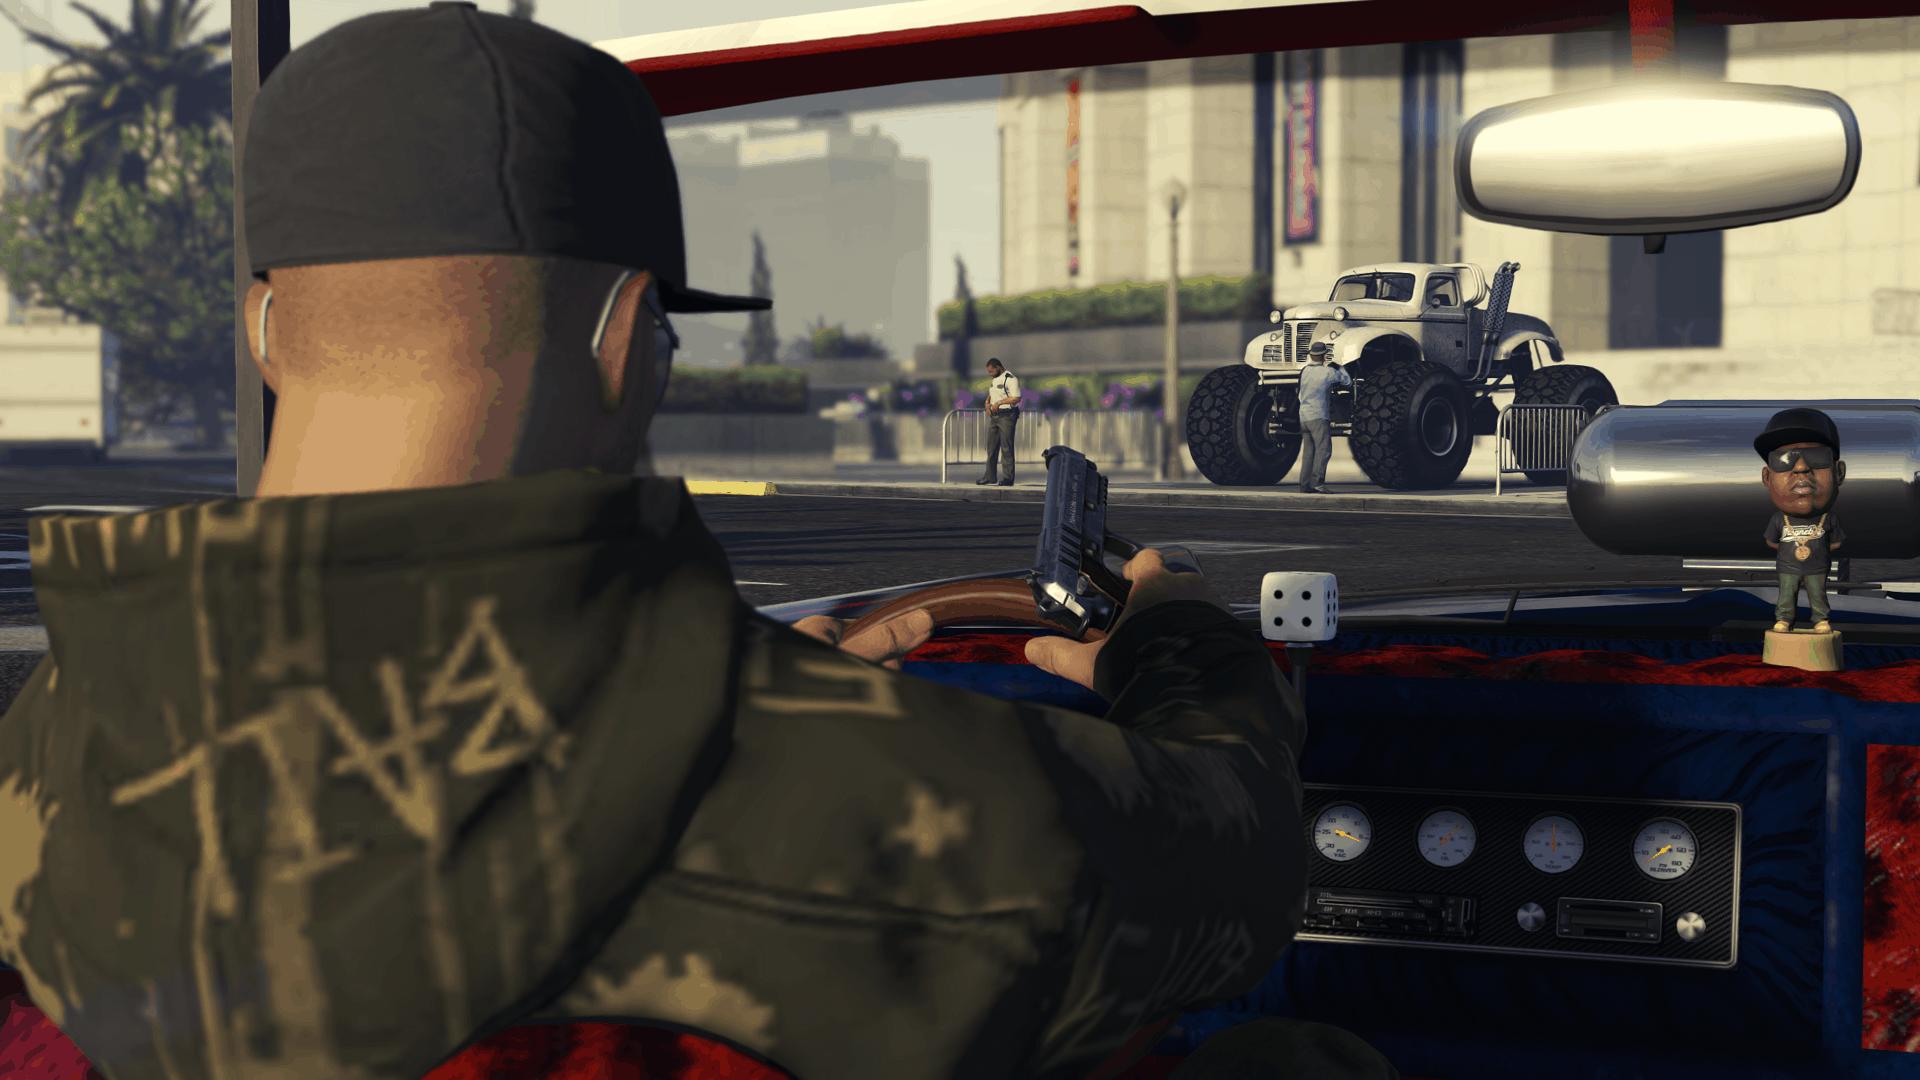 New Repo Work Missions Hit GTA Online - GTA BOOM